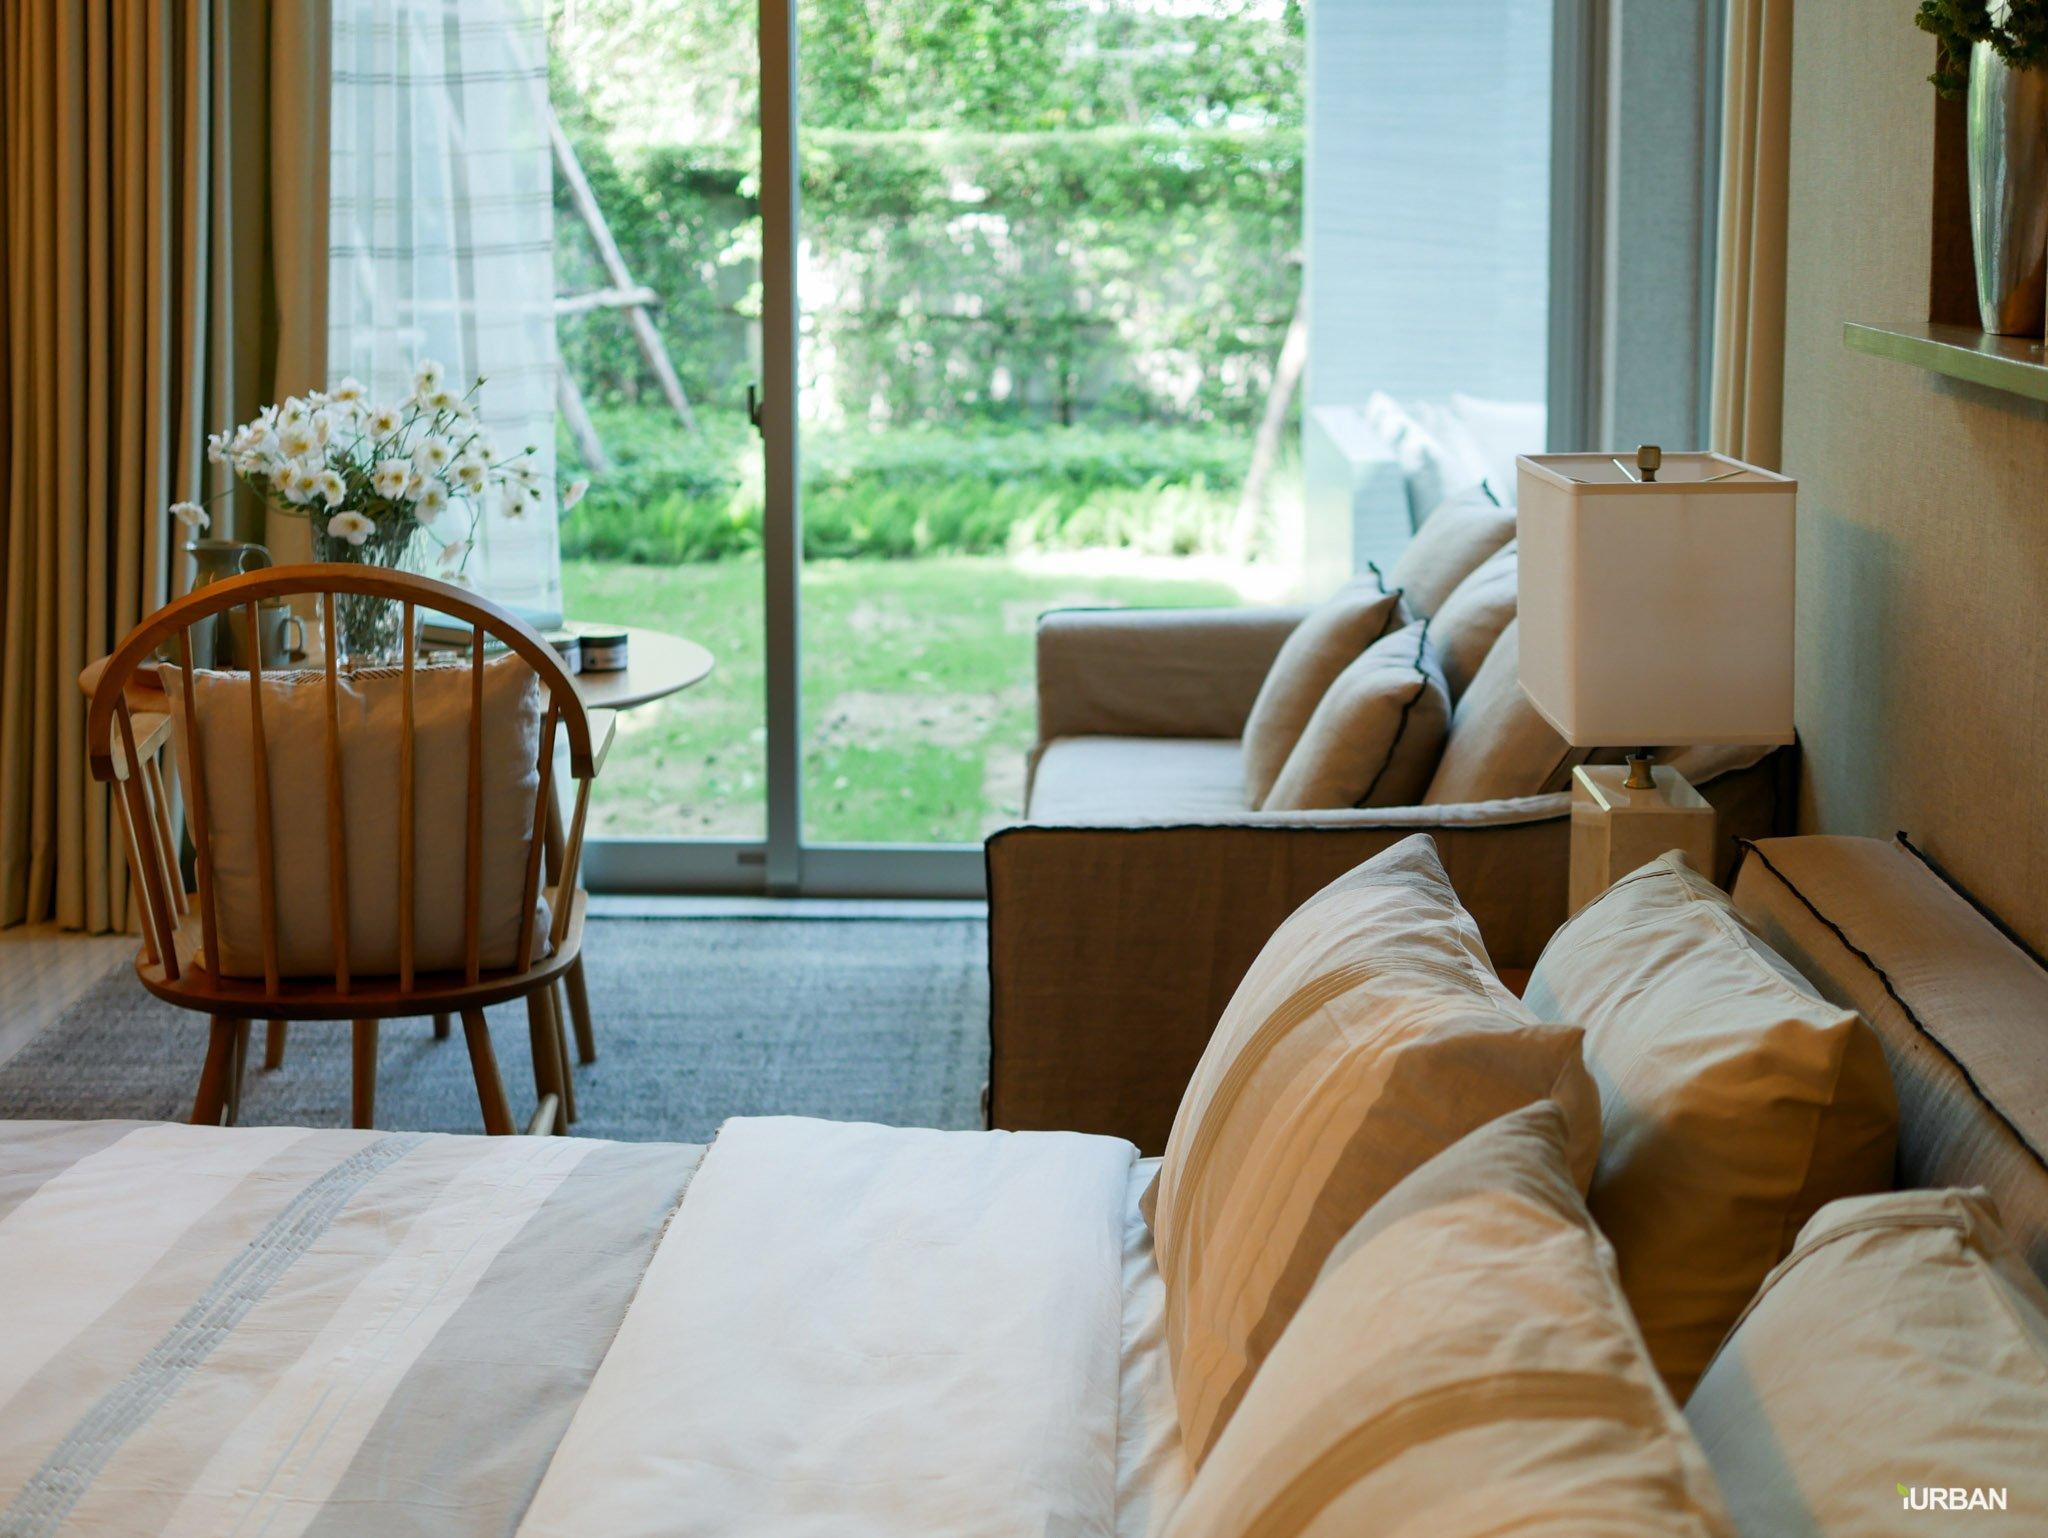 รีวิว Nirvana Beyond พระราม 2 บ้านที่ออกแบบทุกดีเทลเพื่อความสุขทุก GEN ของครอบครัวใหญ่ 60 - Beyond